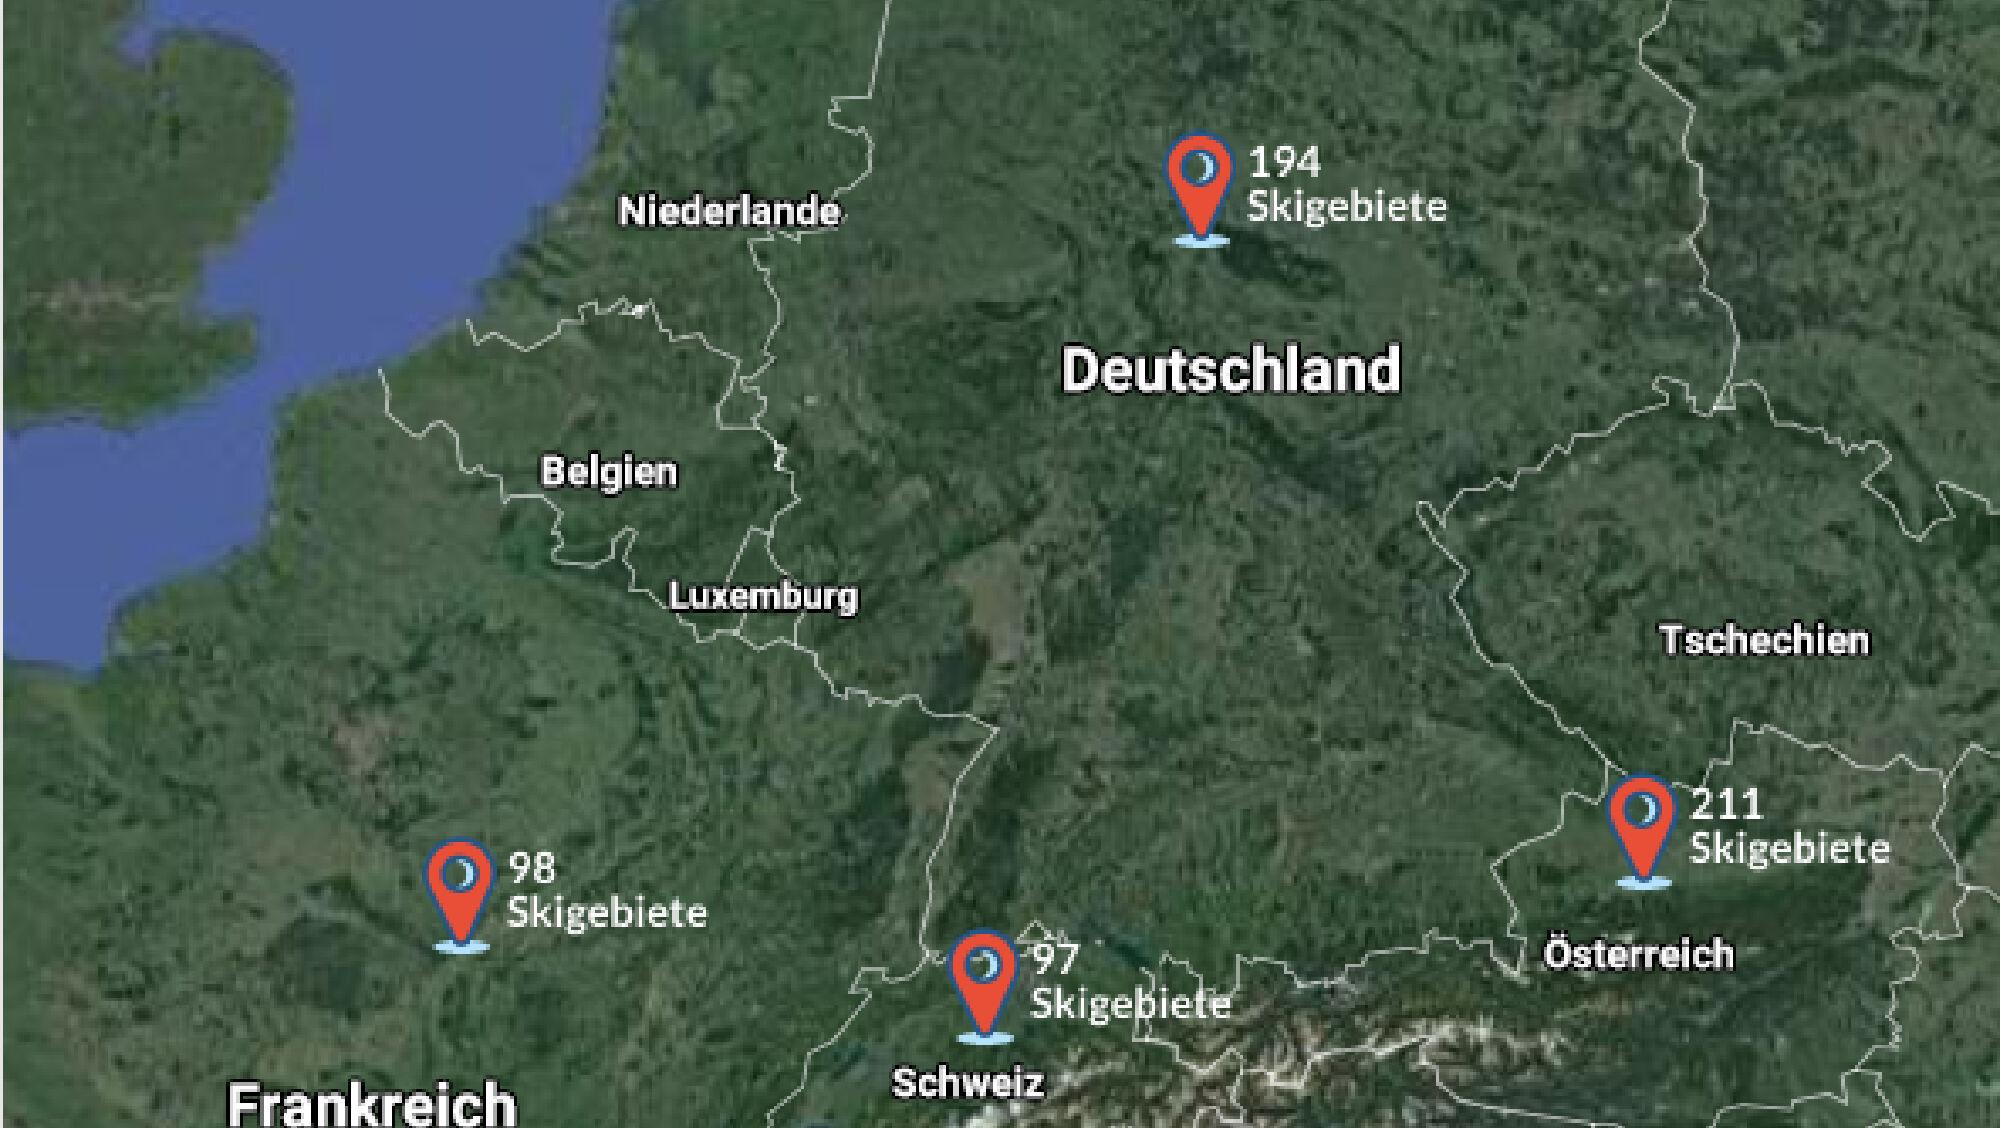 Eine große Auswahl: Über 300 Skigebiete stehen Wintersportlern in Deutschland, Frankreich, Österreic